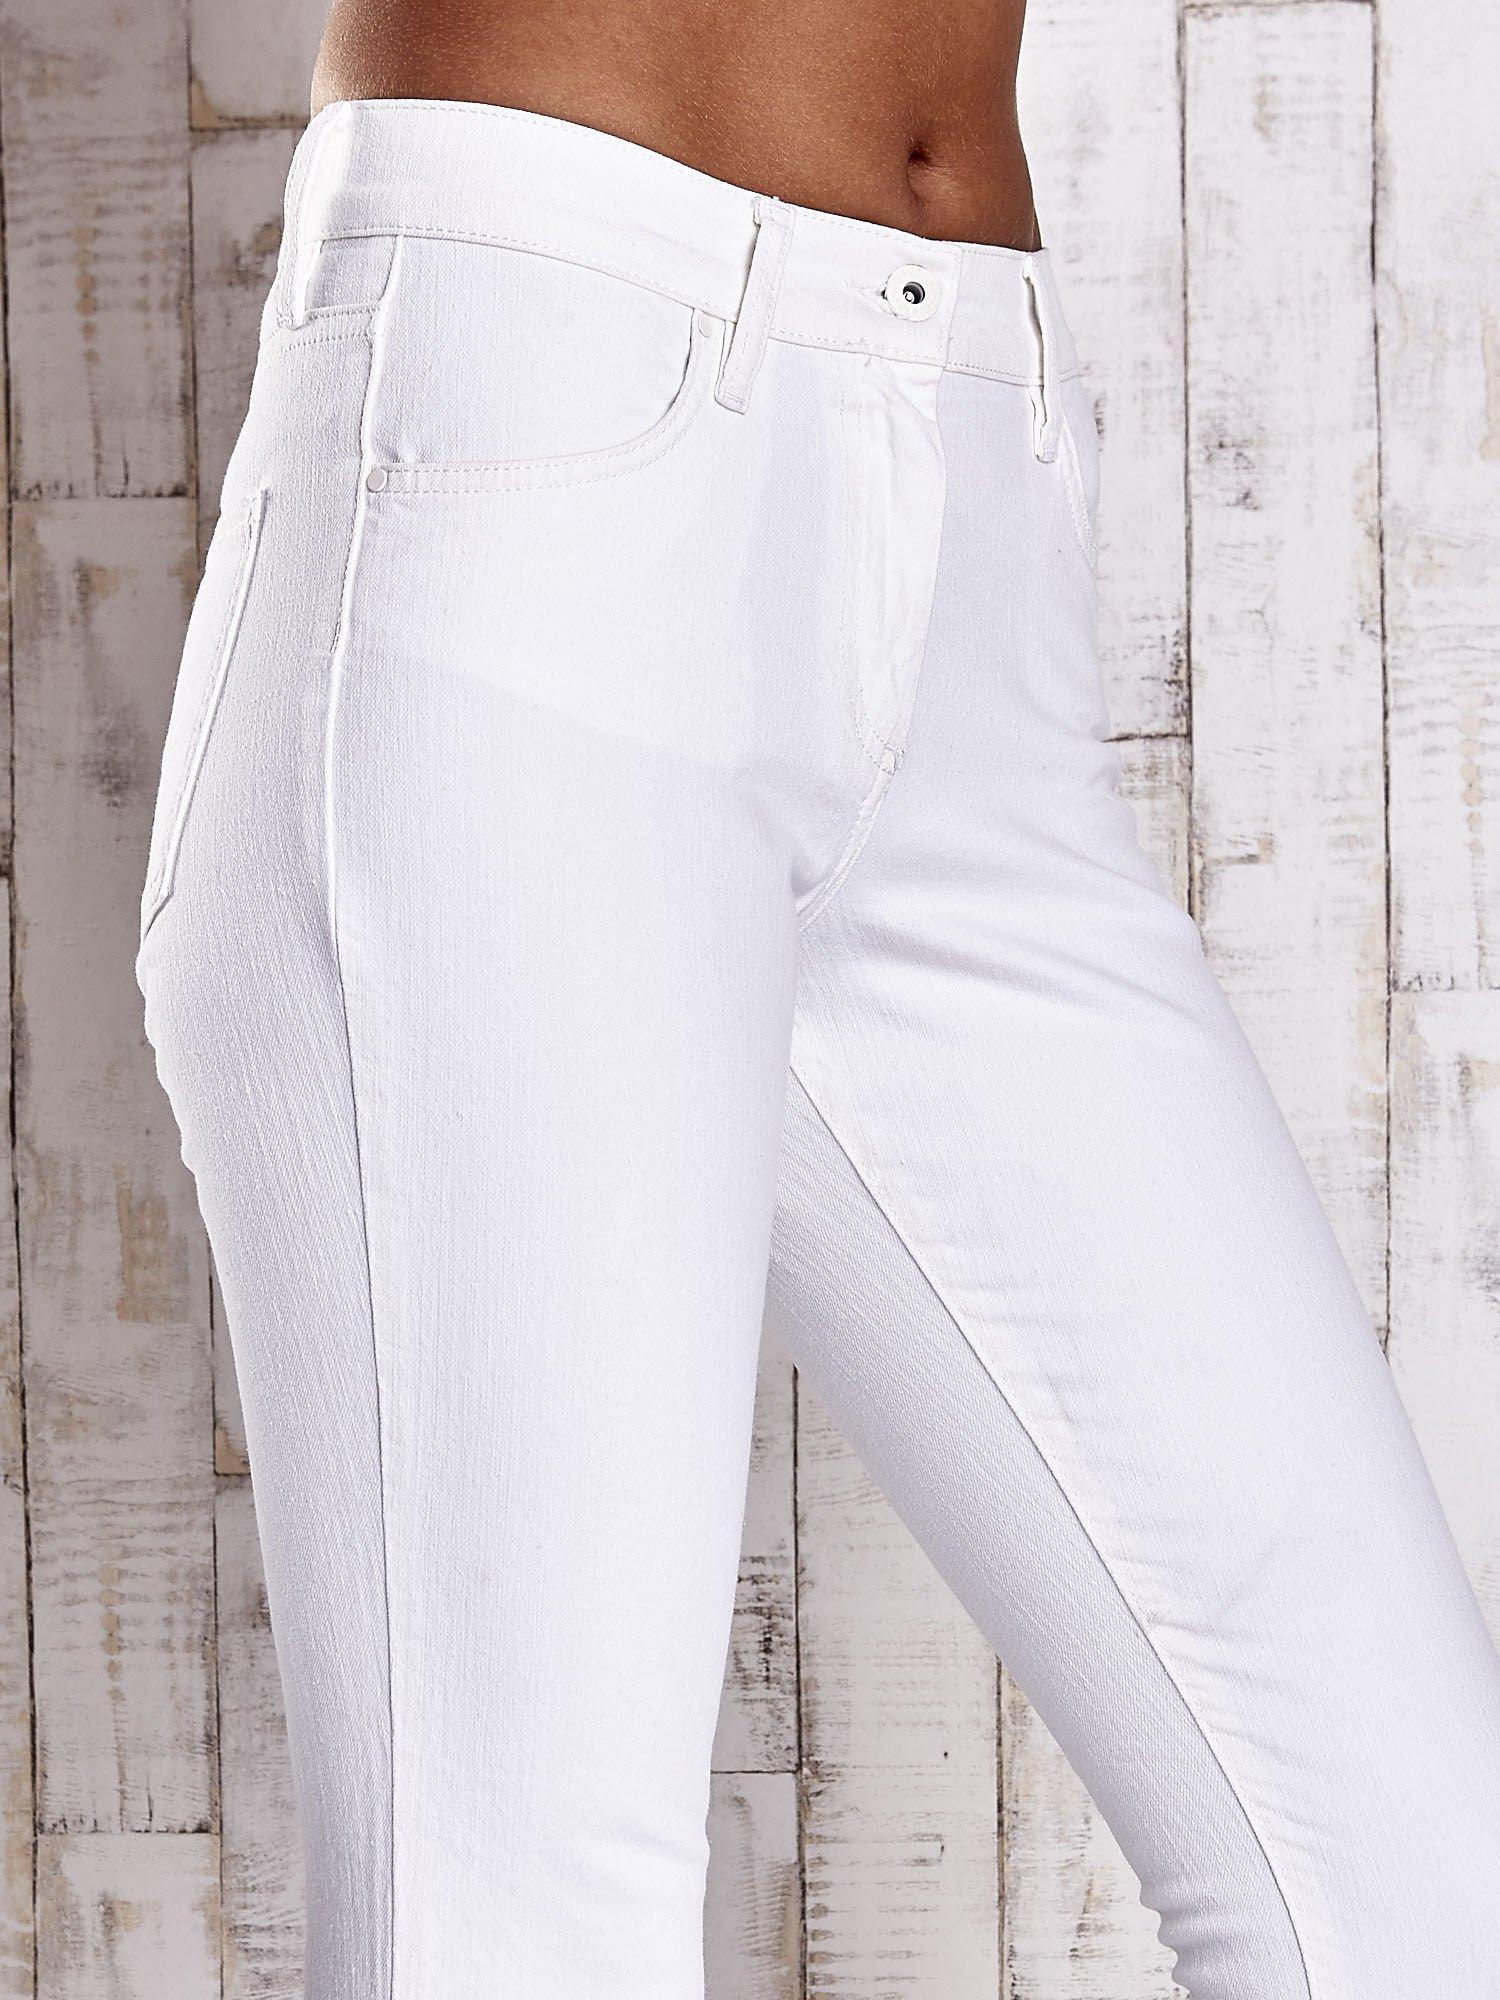 Ecru dopasowane spodnie skinny jeans                                  zdj.                                  4